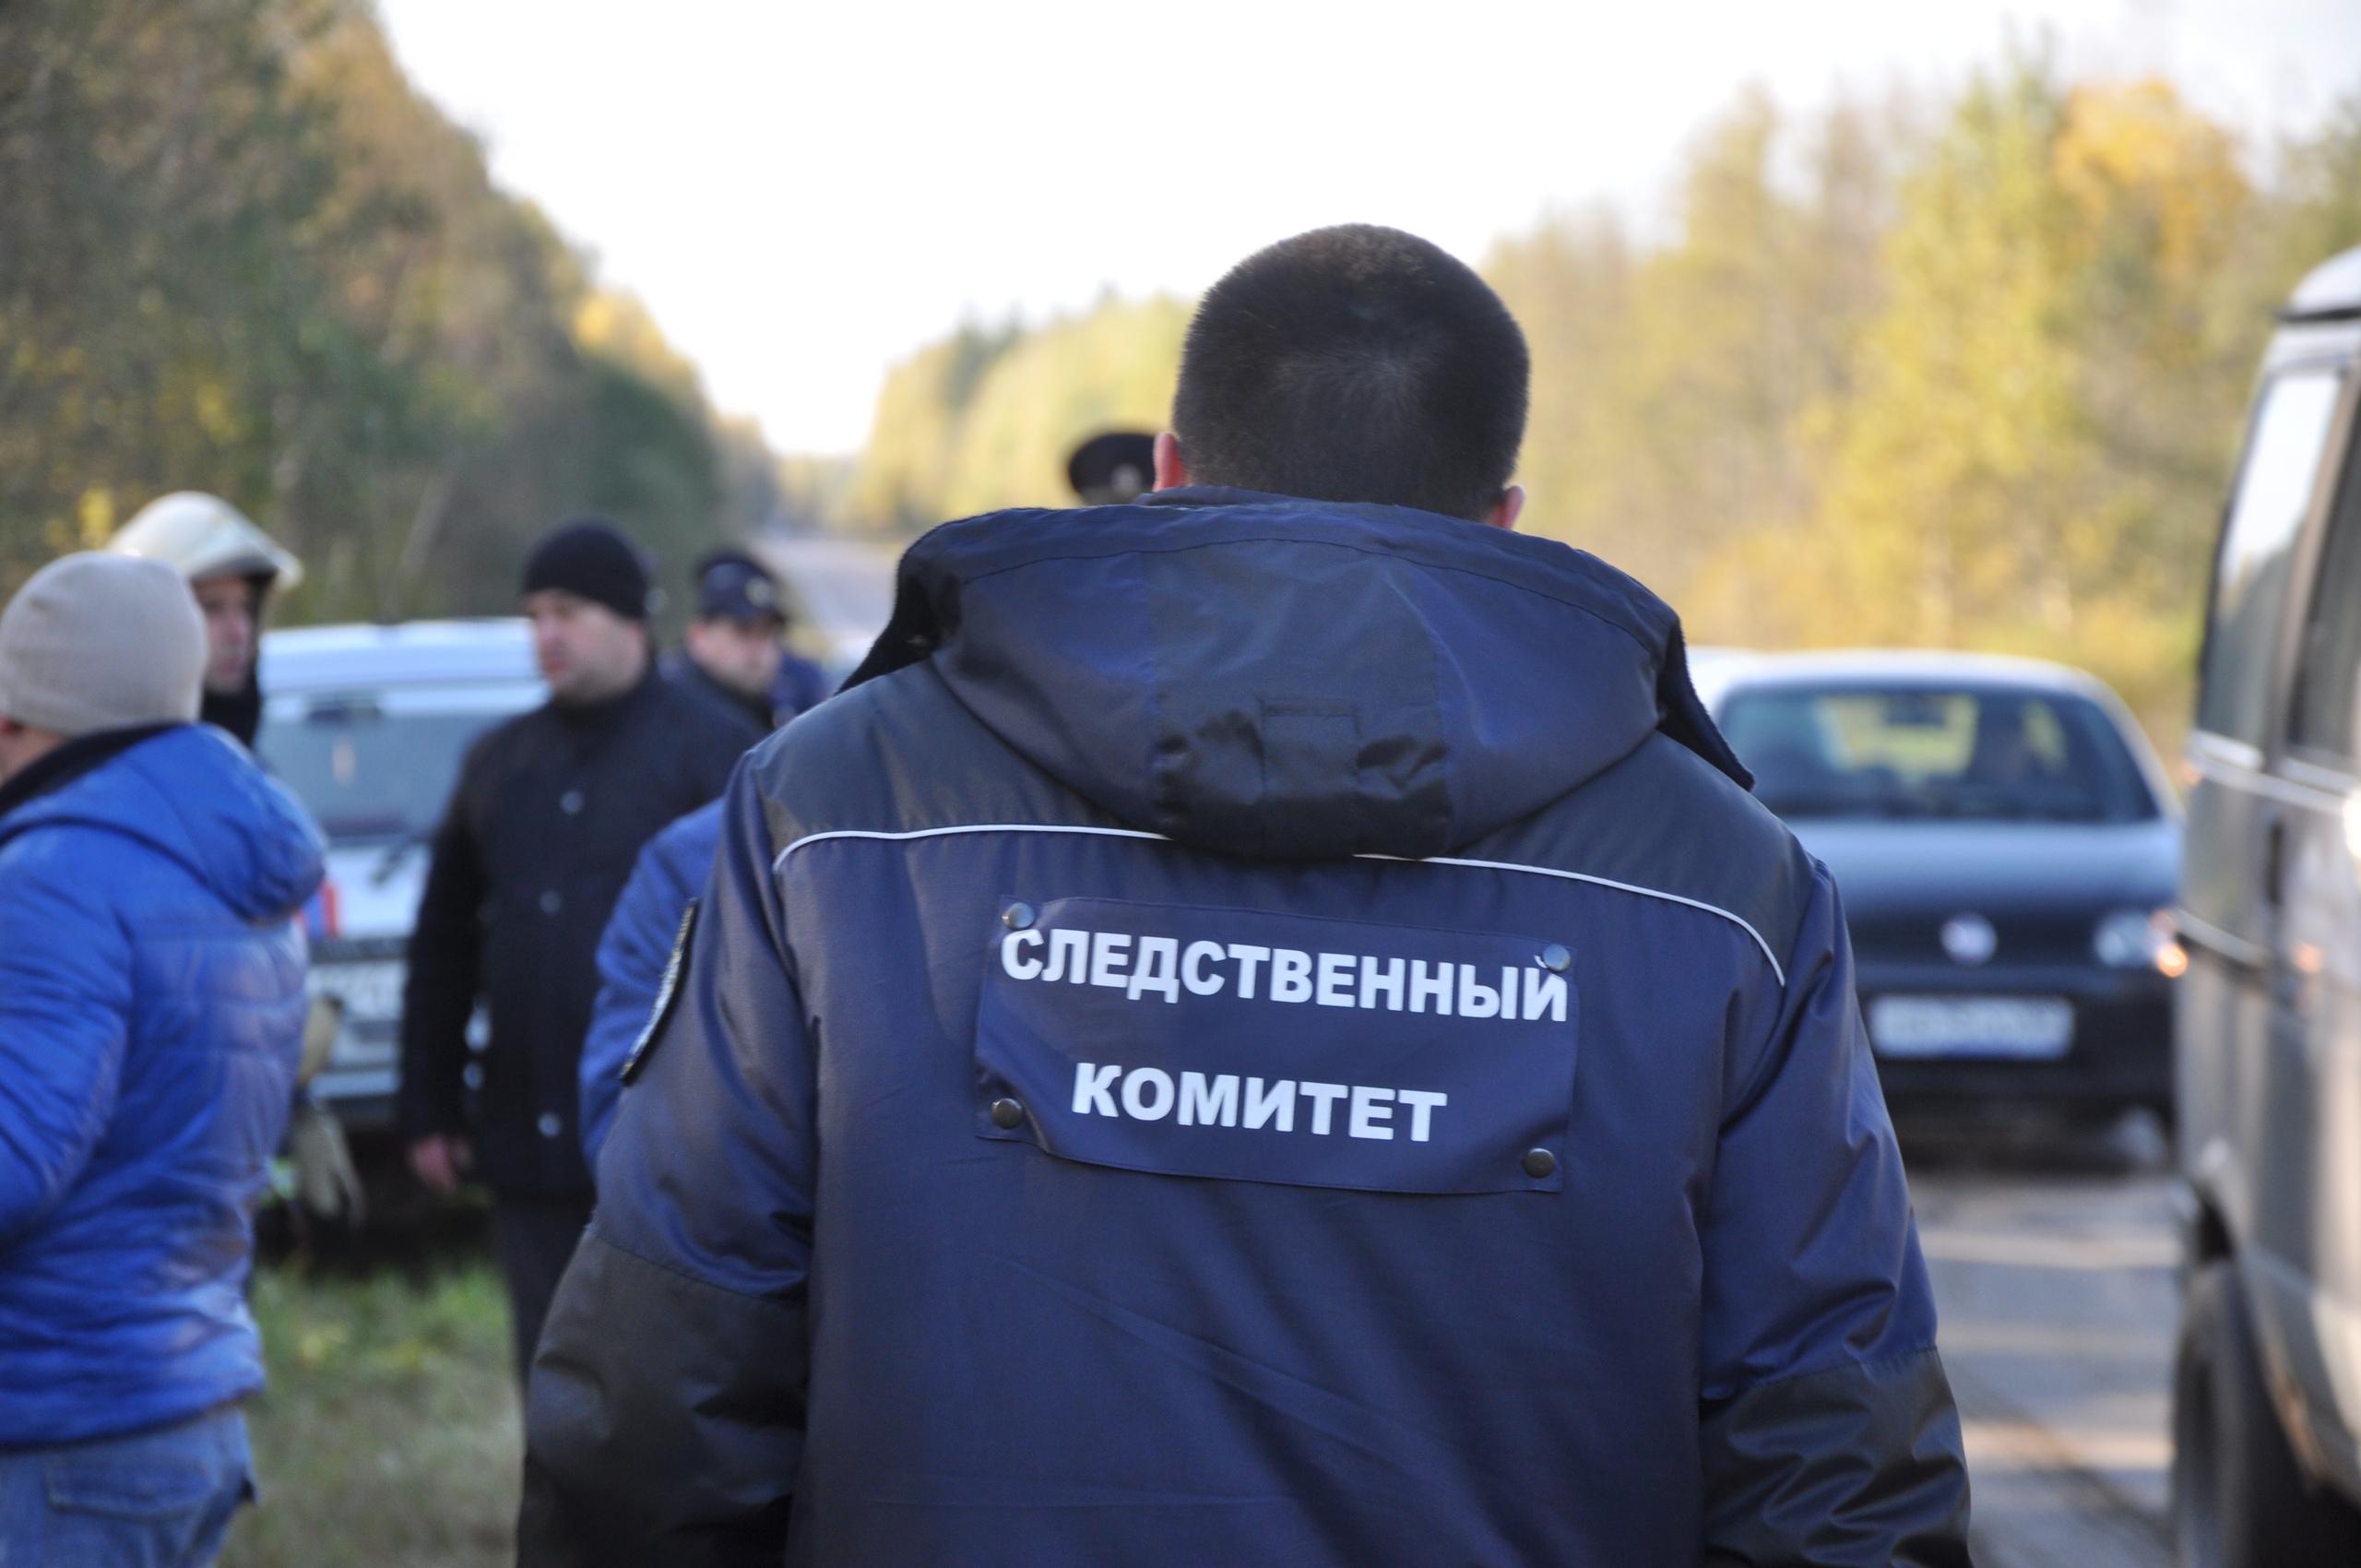 Тверские следователи, работая над делом об убийстве Михаила Круга, раскрыли еще четыре убийства - новости Афанасий